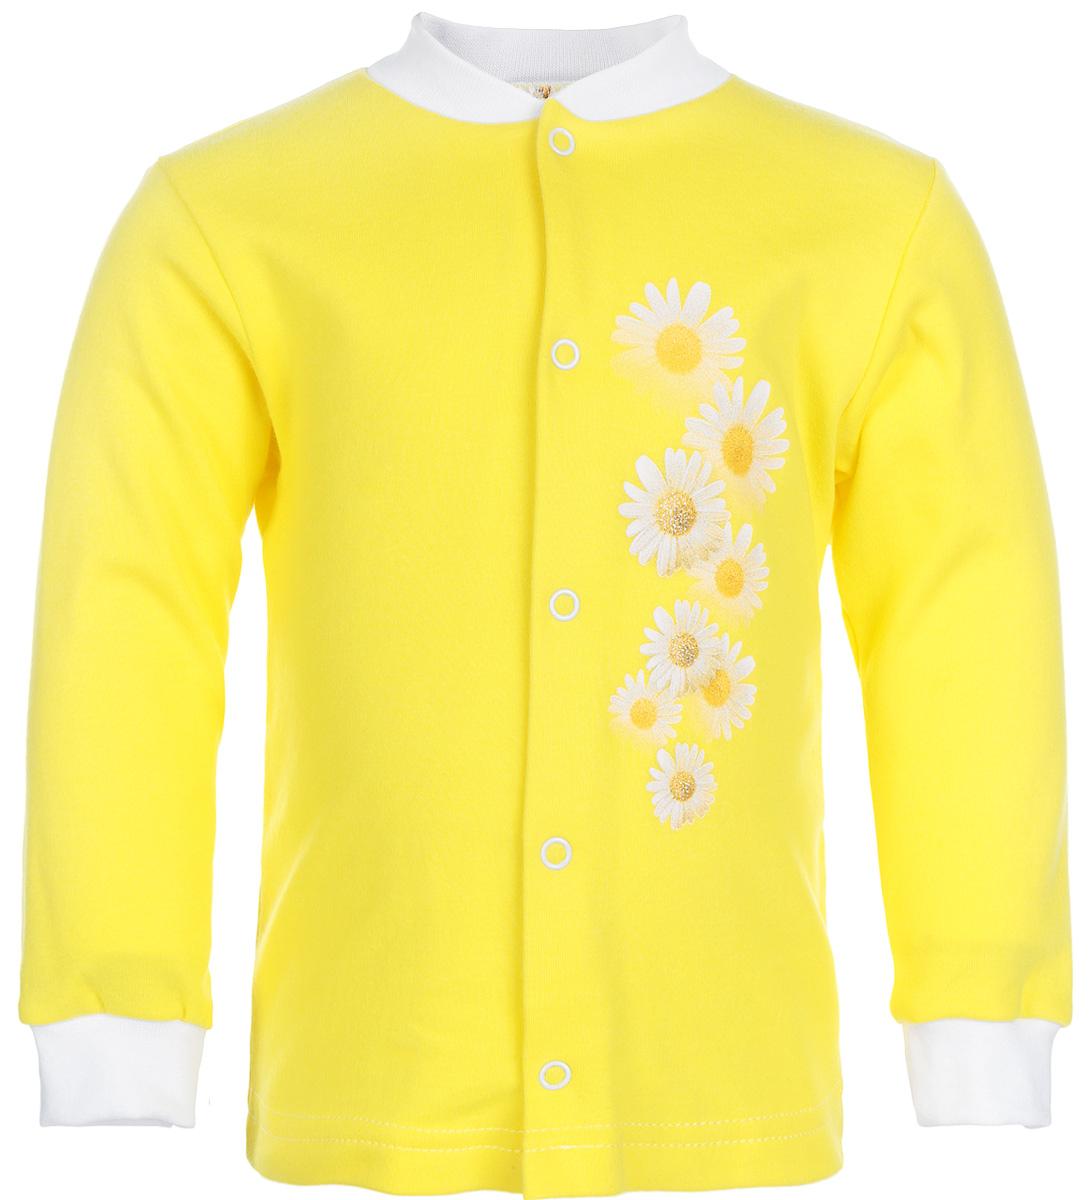 Кофточка для девочки КотМарКот, цвет: лимонный. 7162. Размер 68, 3-6 месяцев распашонка для девочки котмаркот дрим цвет розовый белый 4270 размер 68 3 6 месяцев